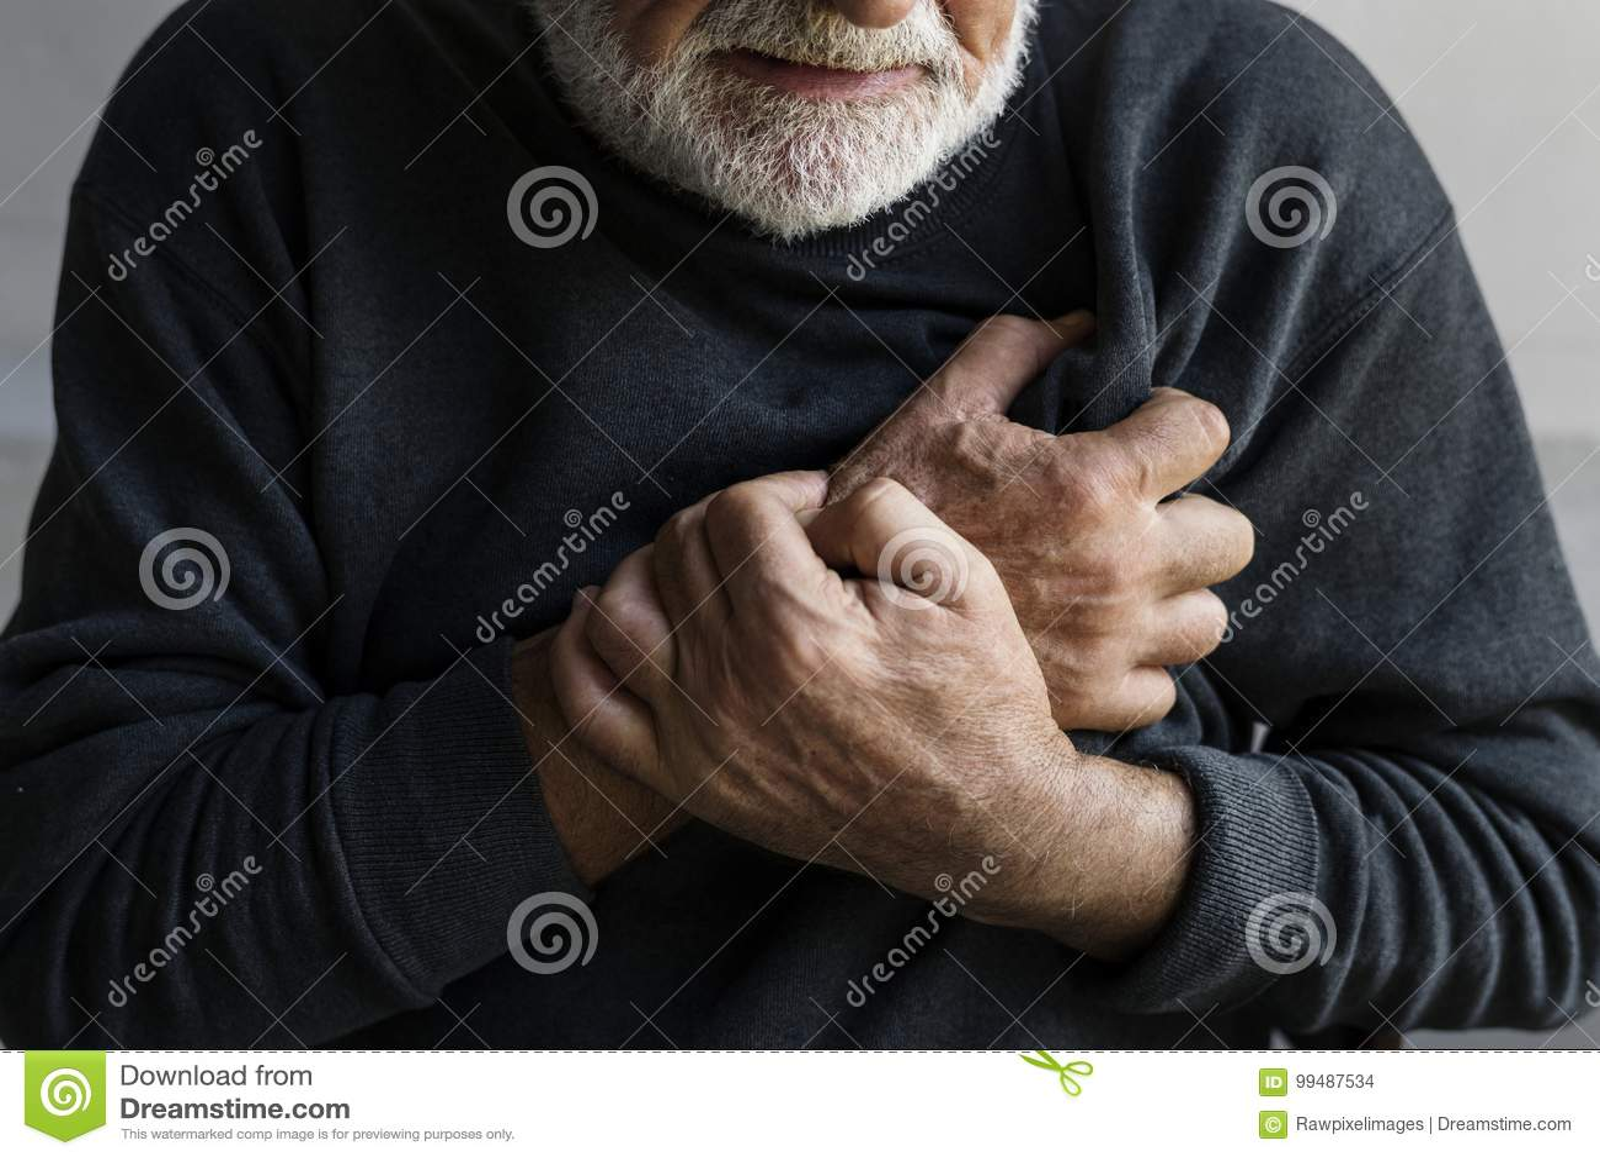 Пожилой человек имеет сердечный приступ с болью в груди